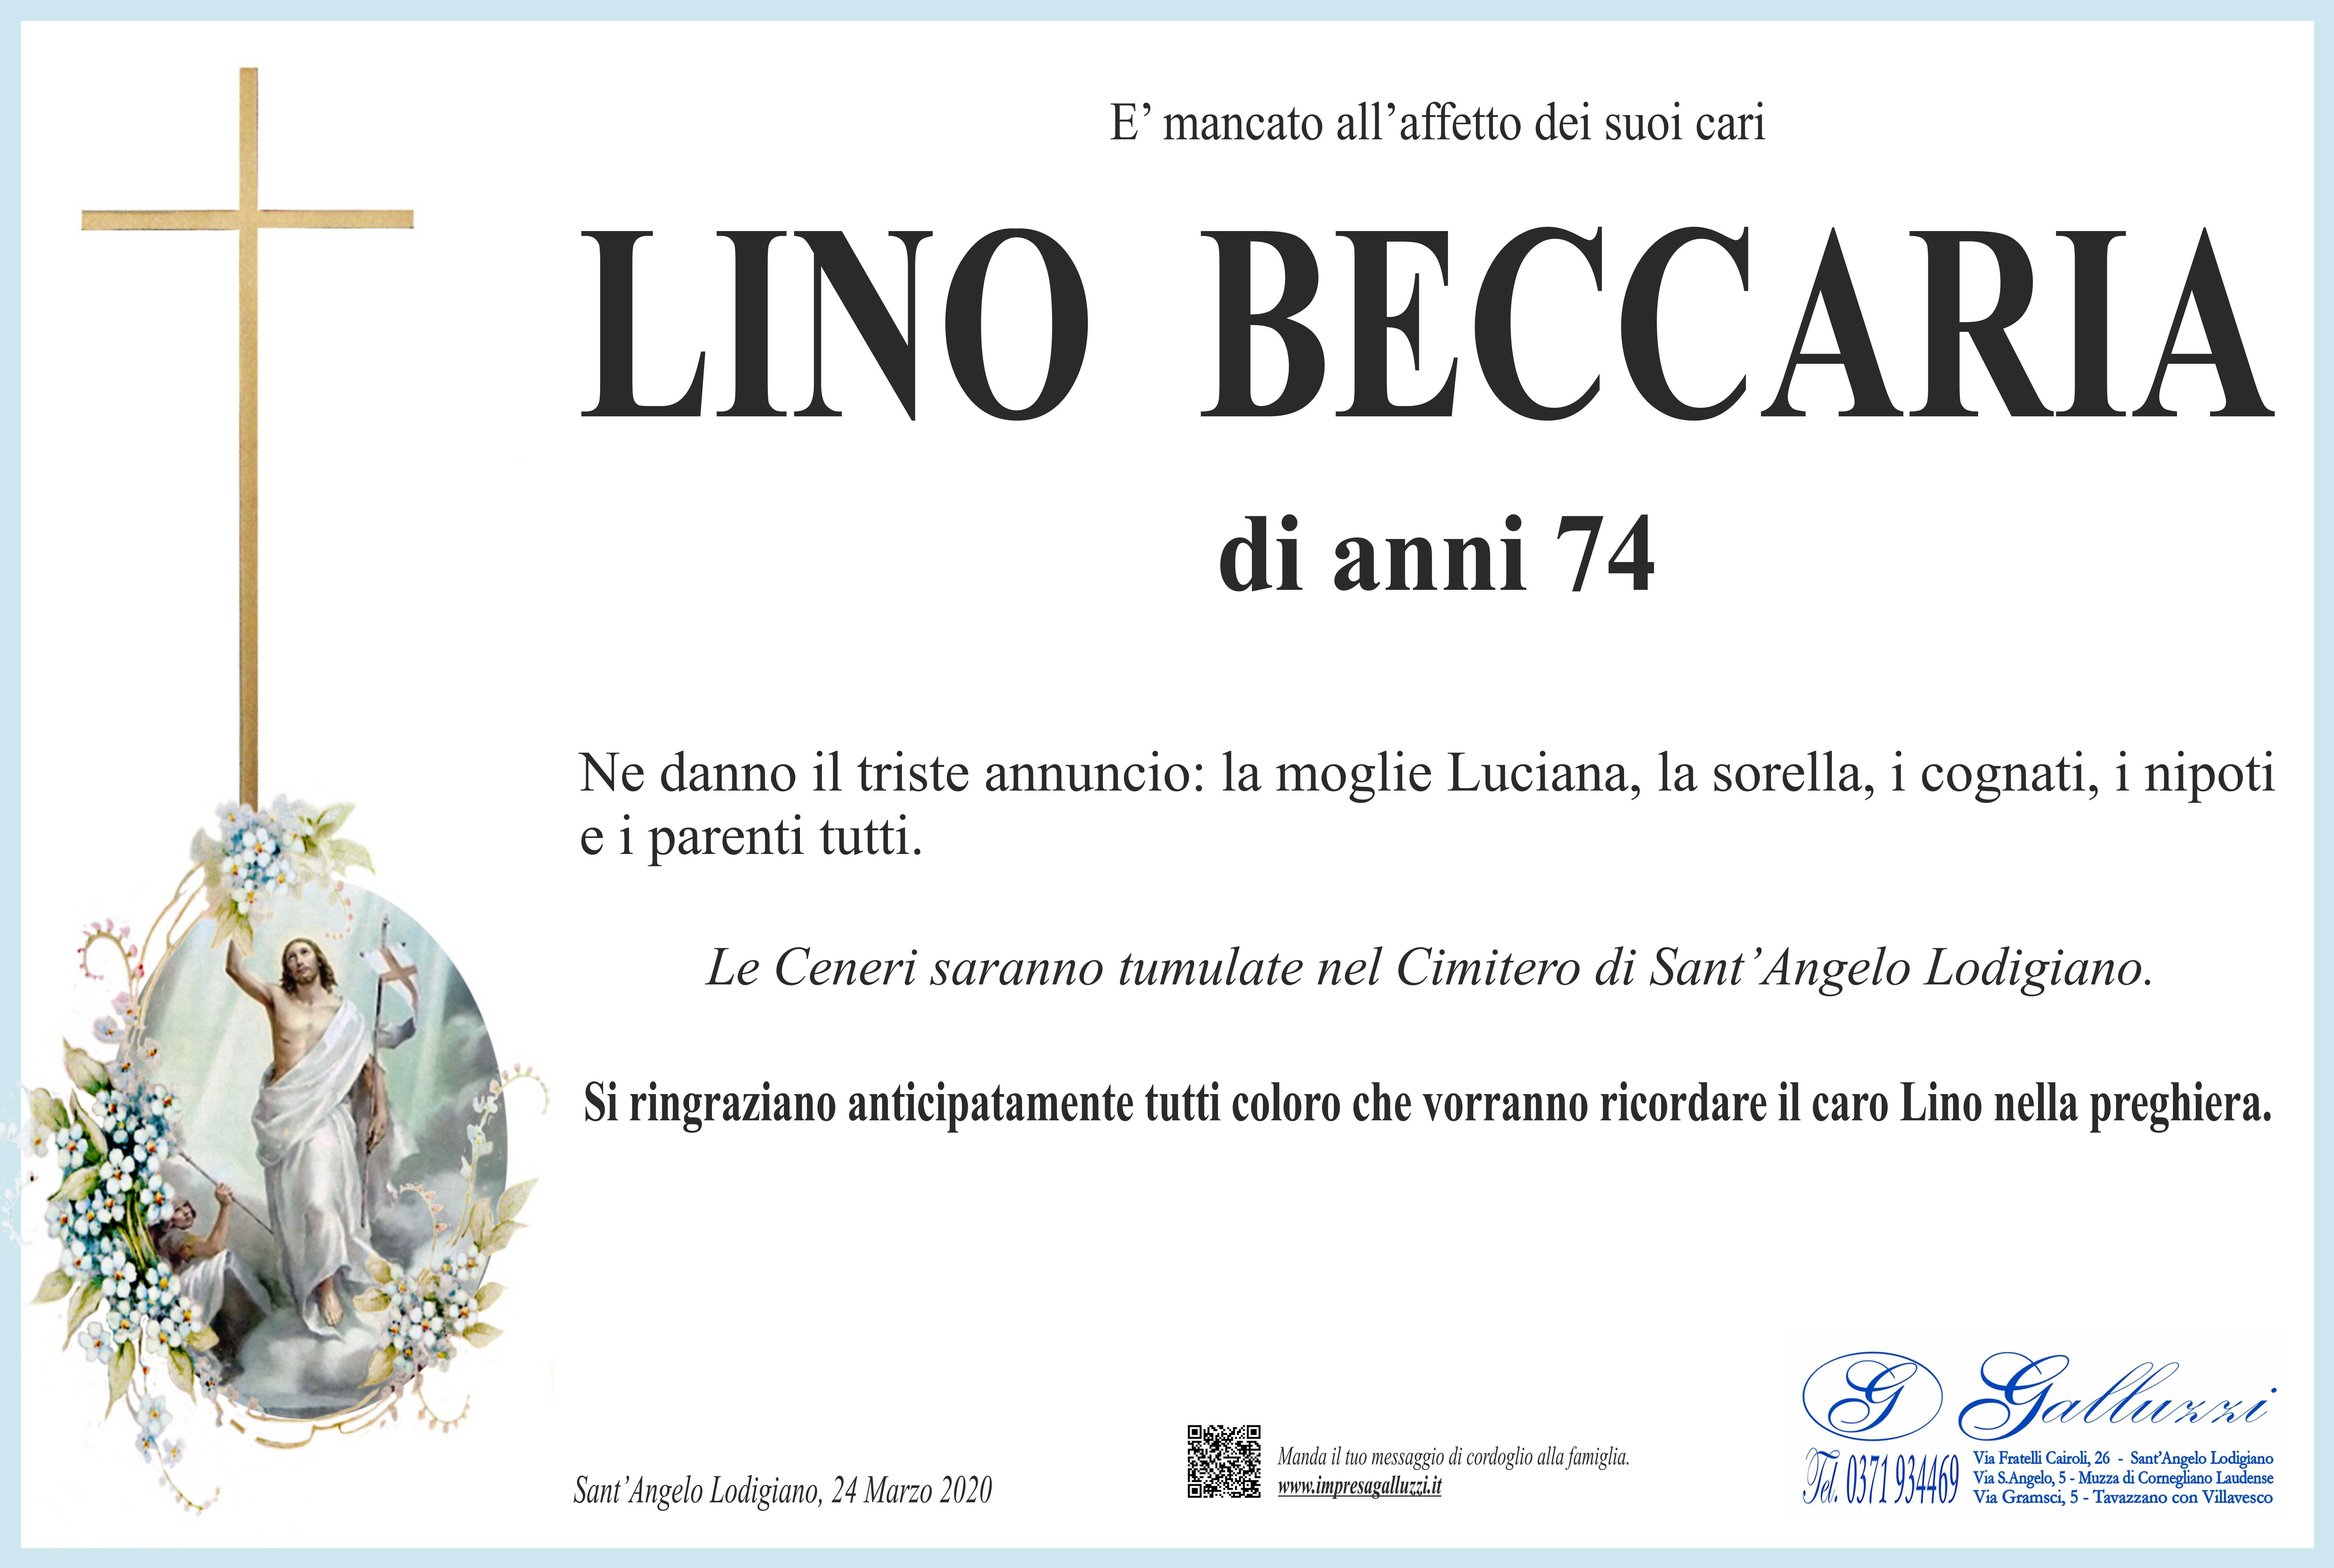 Bartolomeo Beccaria